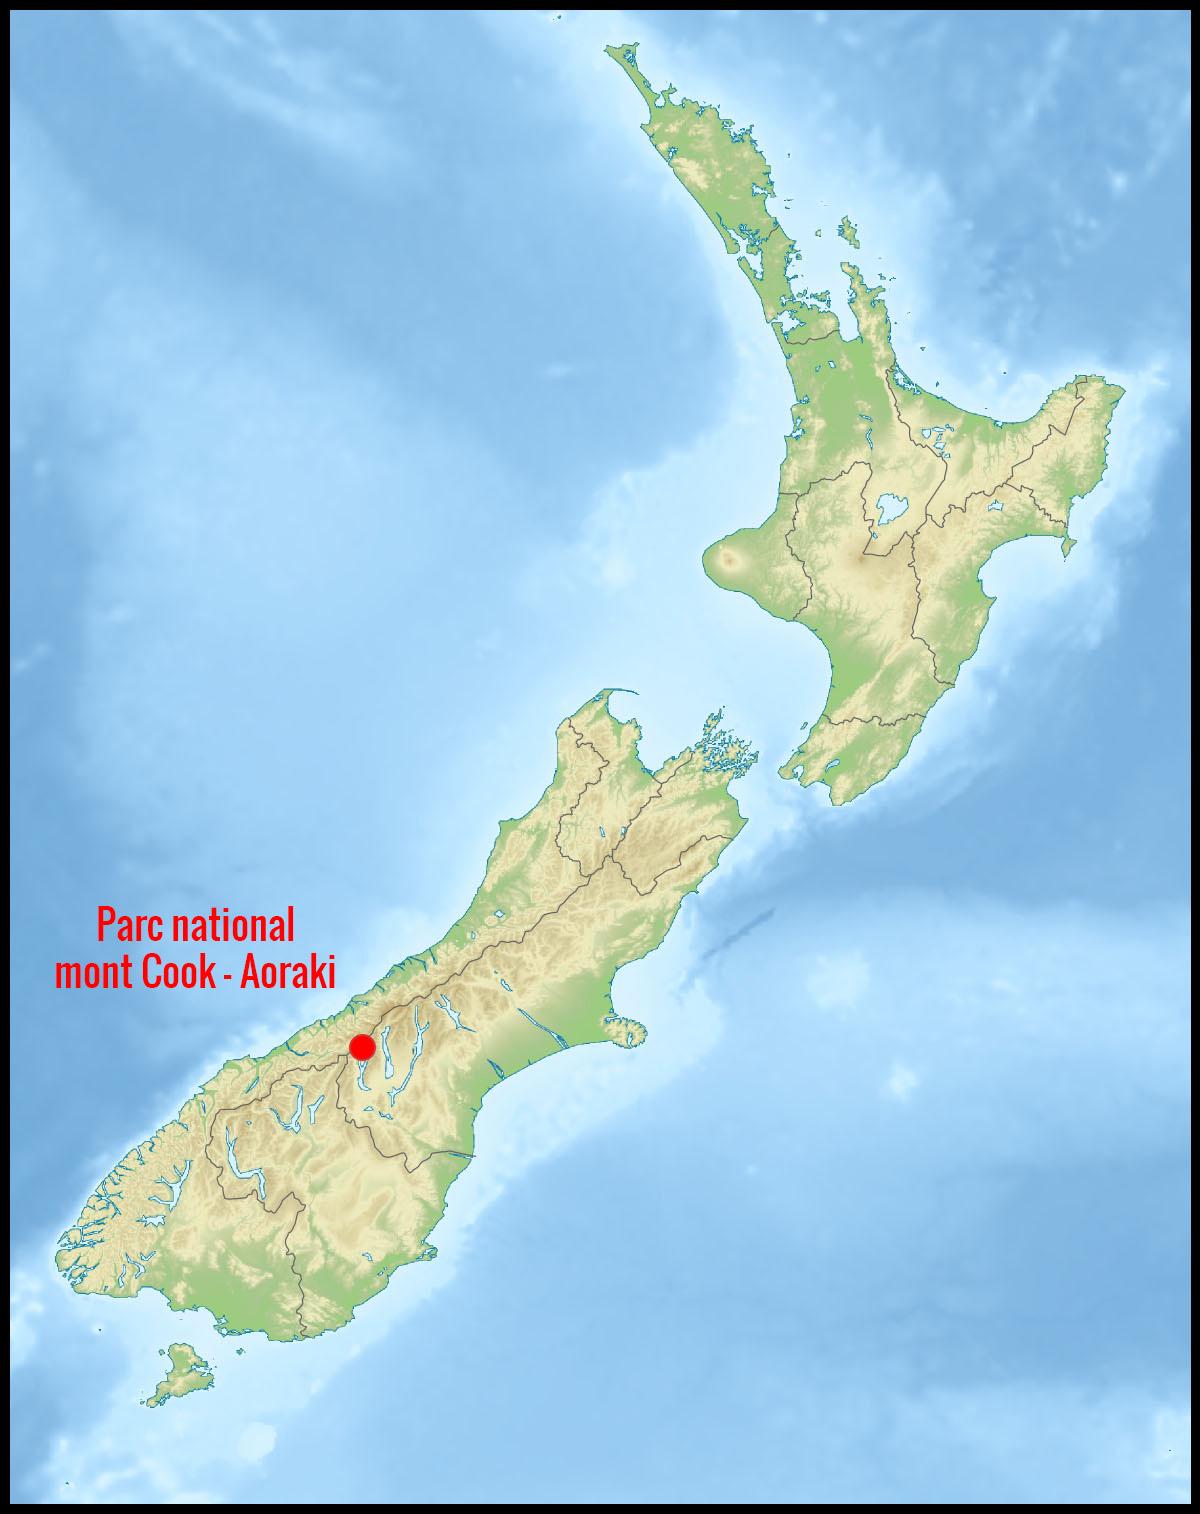 Localisation du parc national du mont Cook - Aoraki en Nouvelle-Zélande